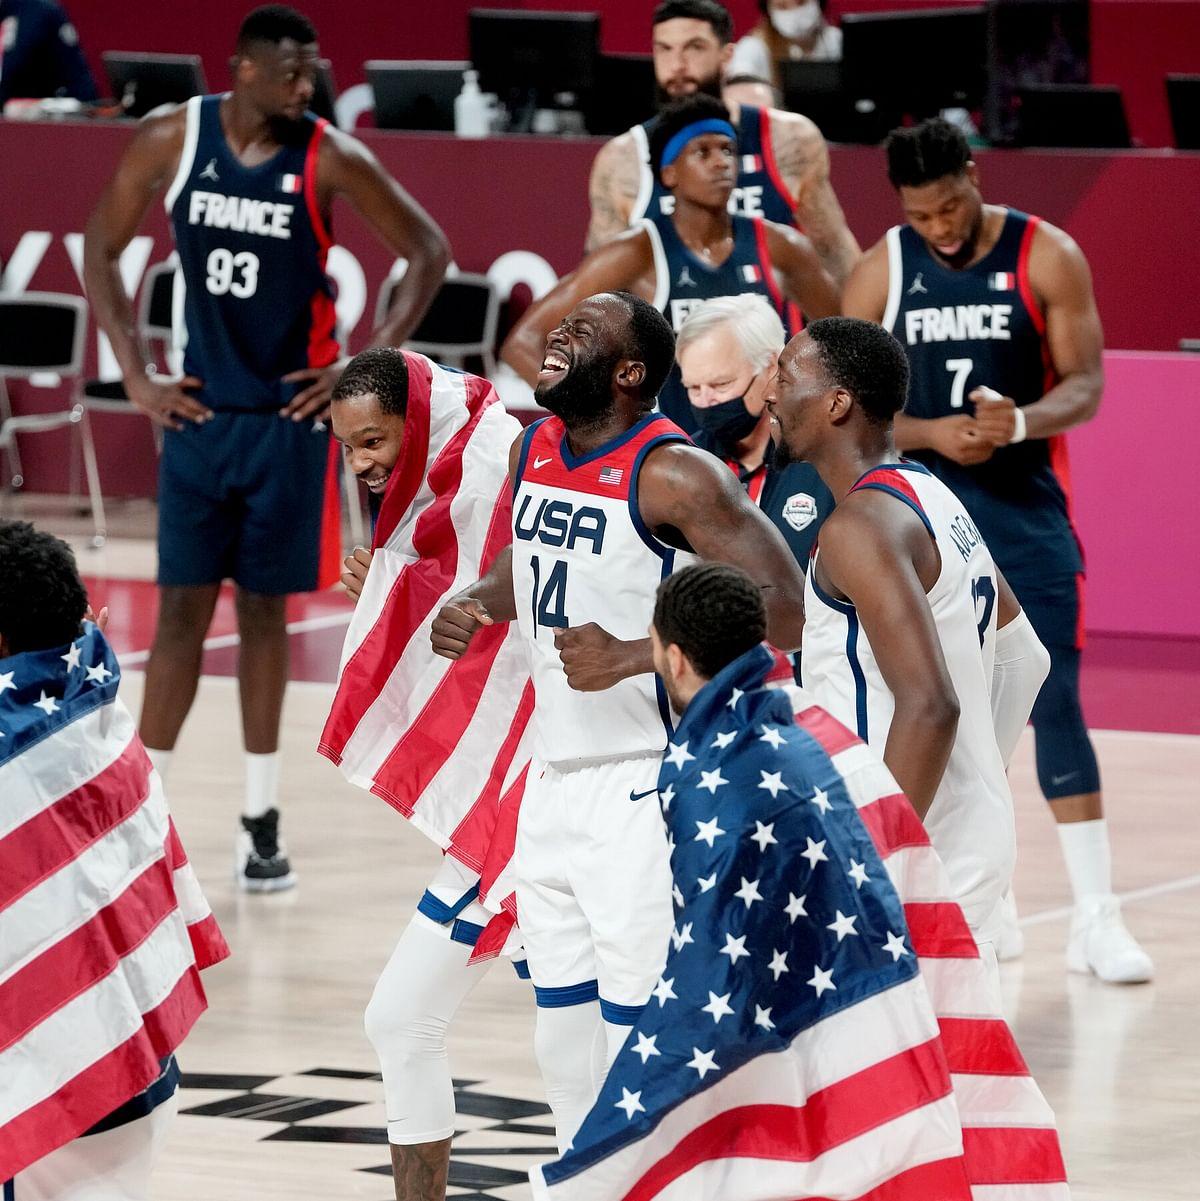 अमेरिका लगातार चौथी बार बास्केटबॉल में वहीं, नॉर्वे ने बीच वालीबॉल में जीता स्वर्ण